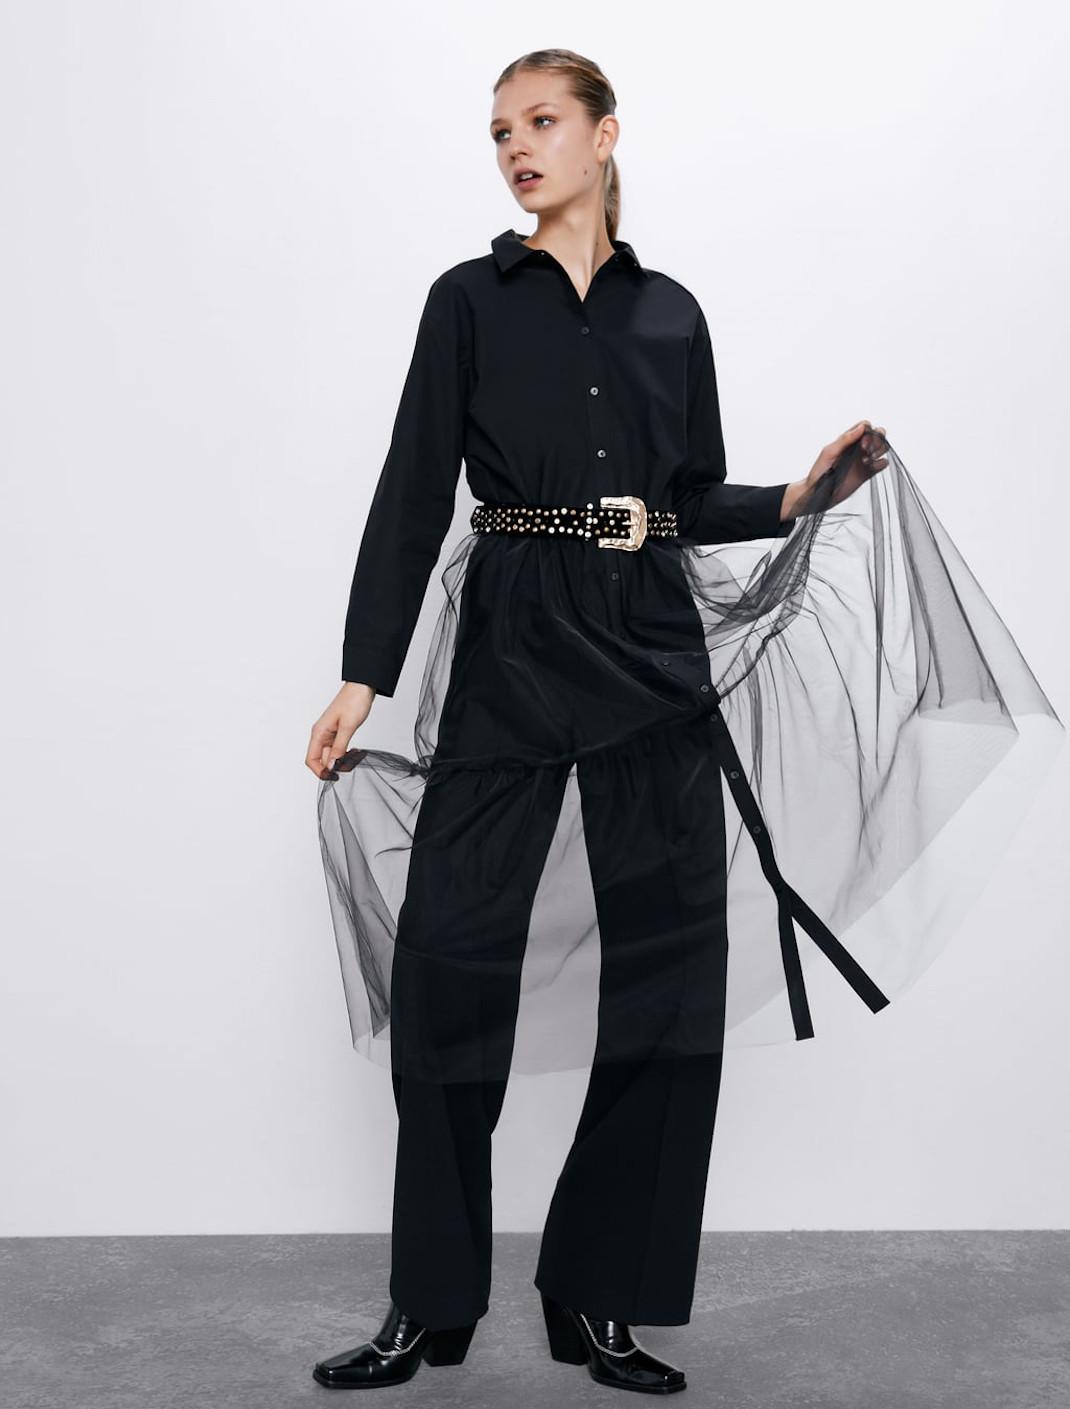 γυναίκα με πουκάμισο από τη νέα συλλογή Zara